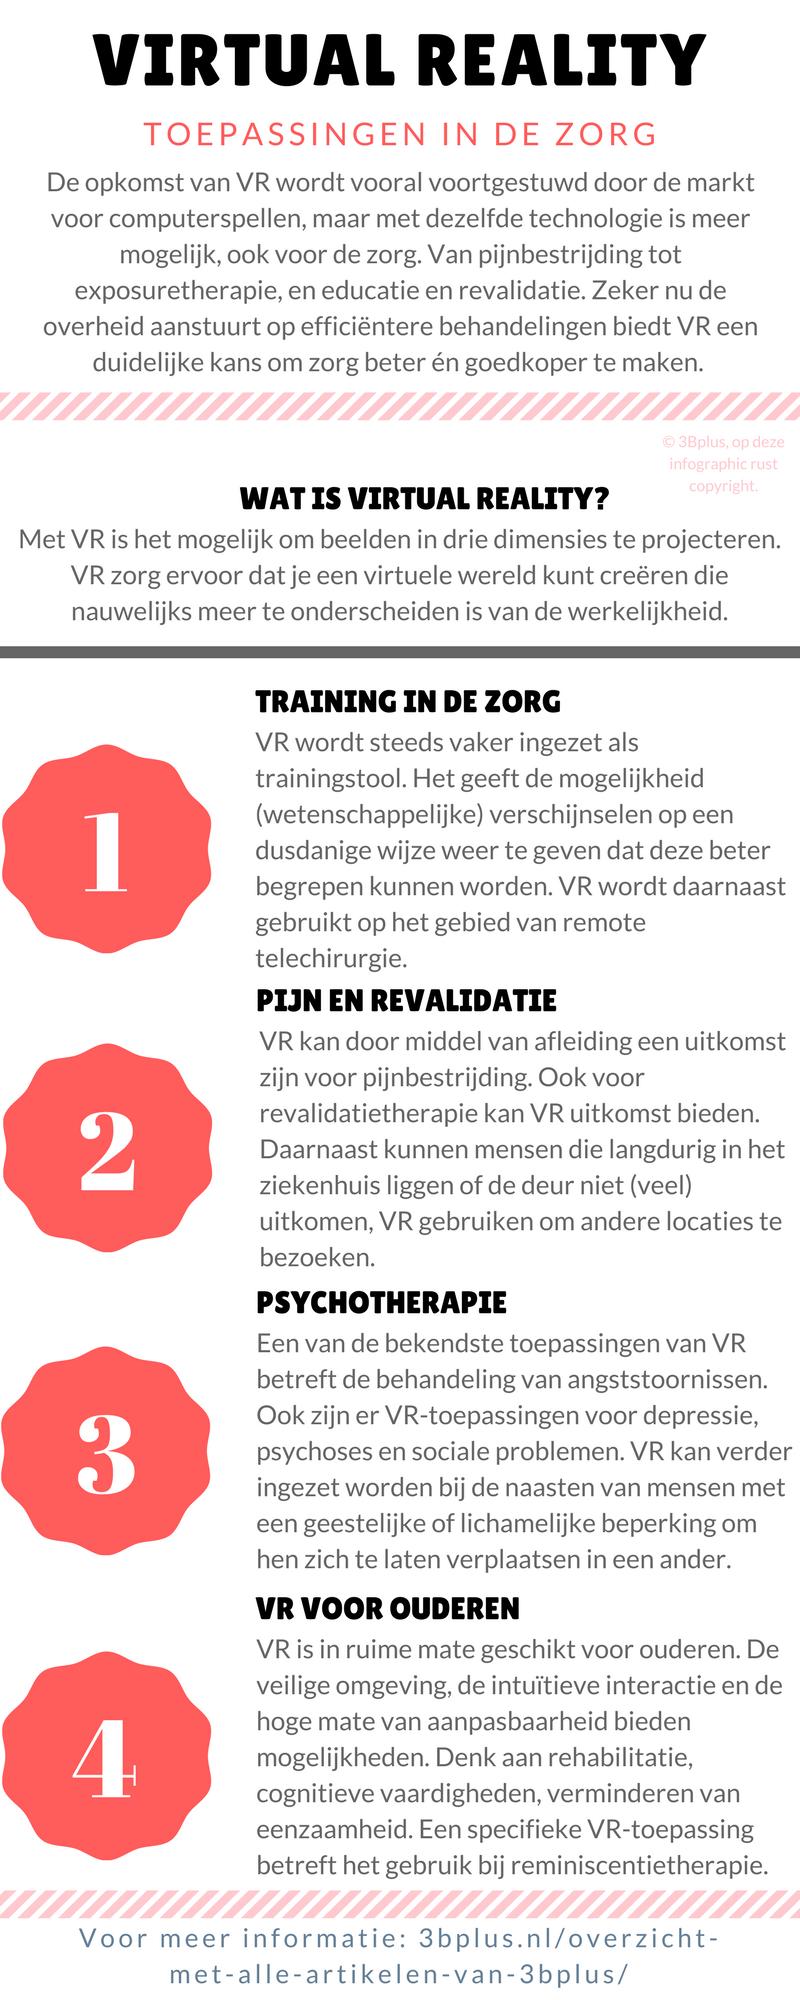 Infographic: VR-toepassingen in de zorg